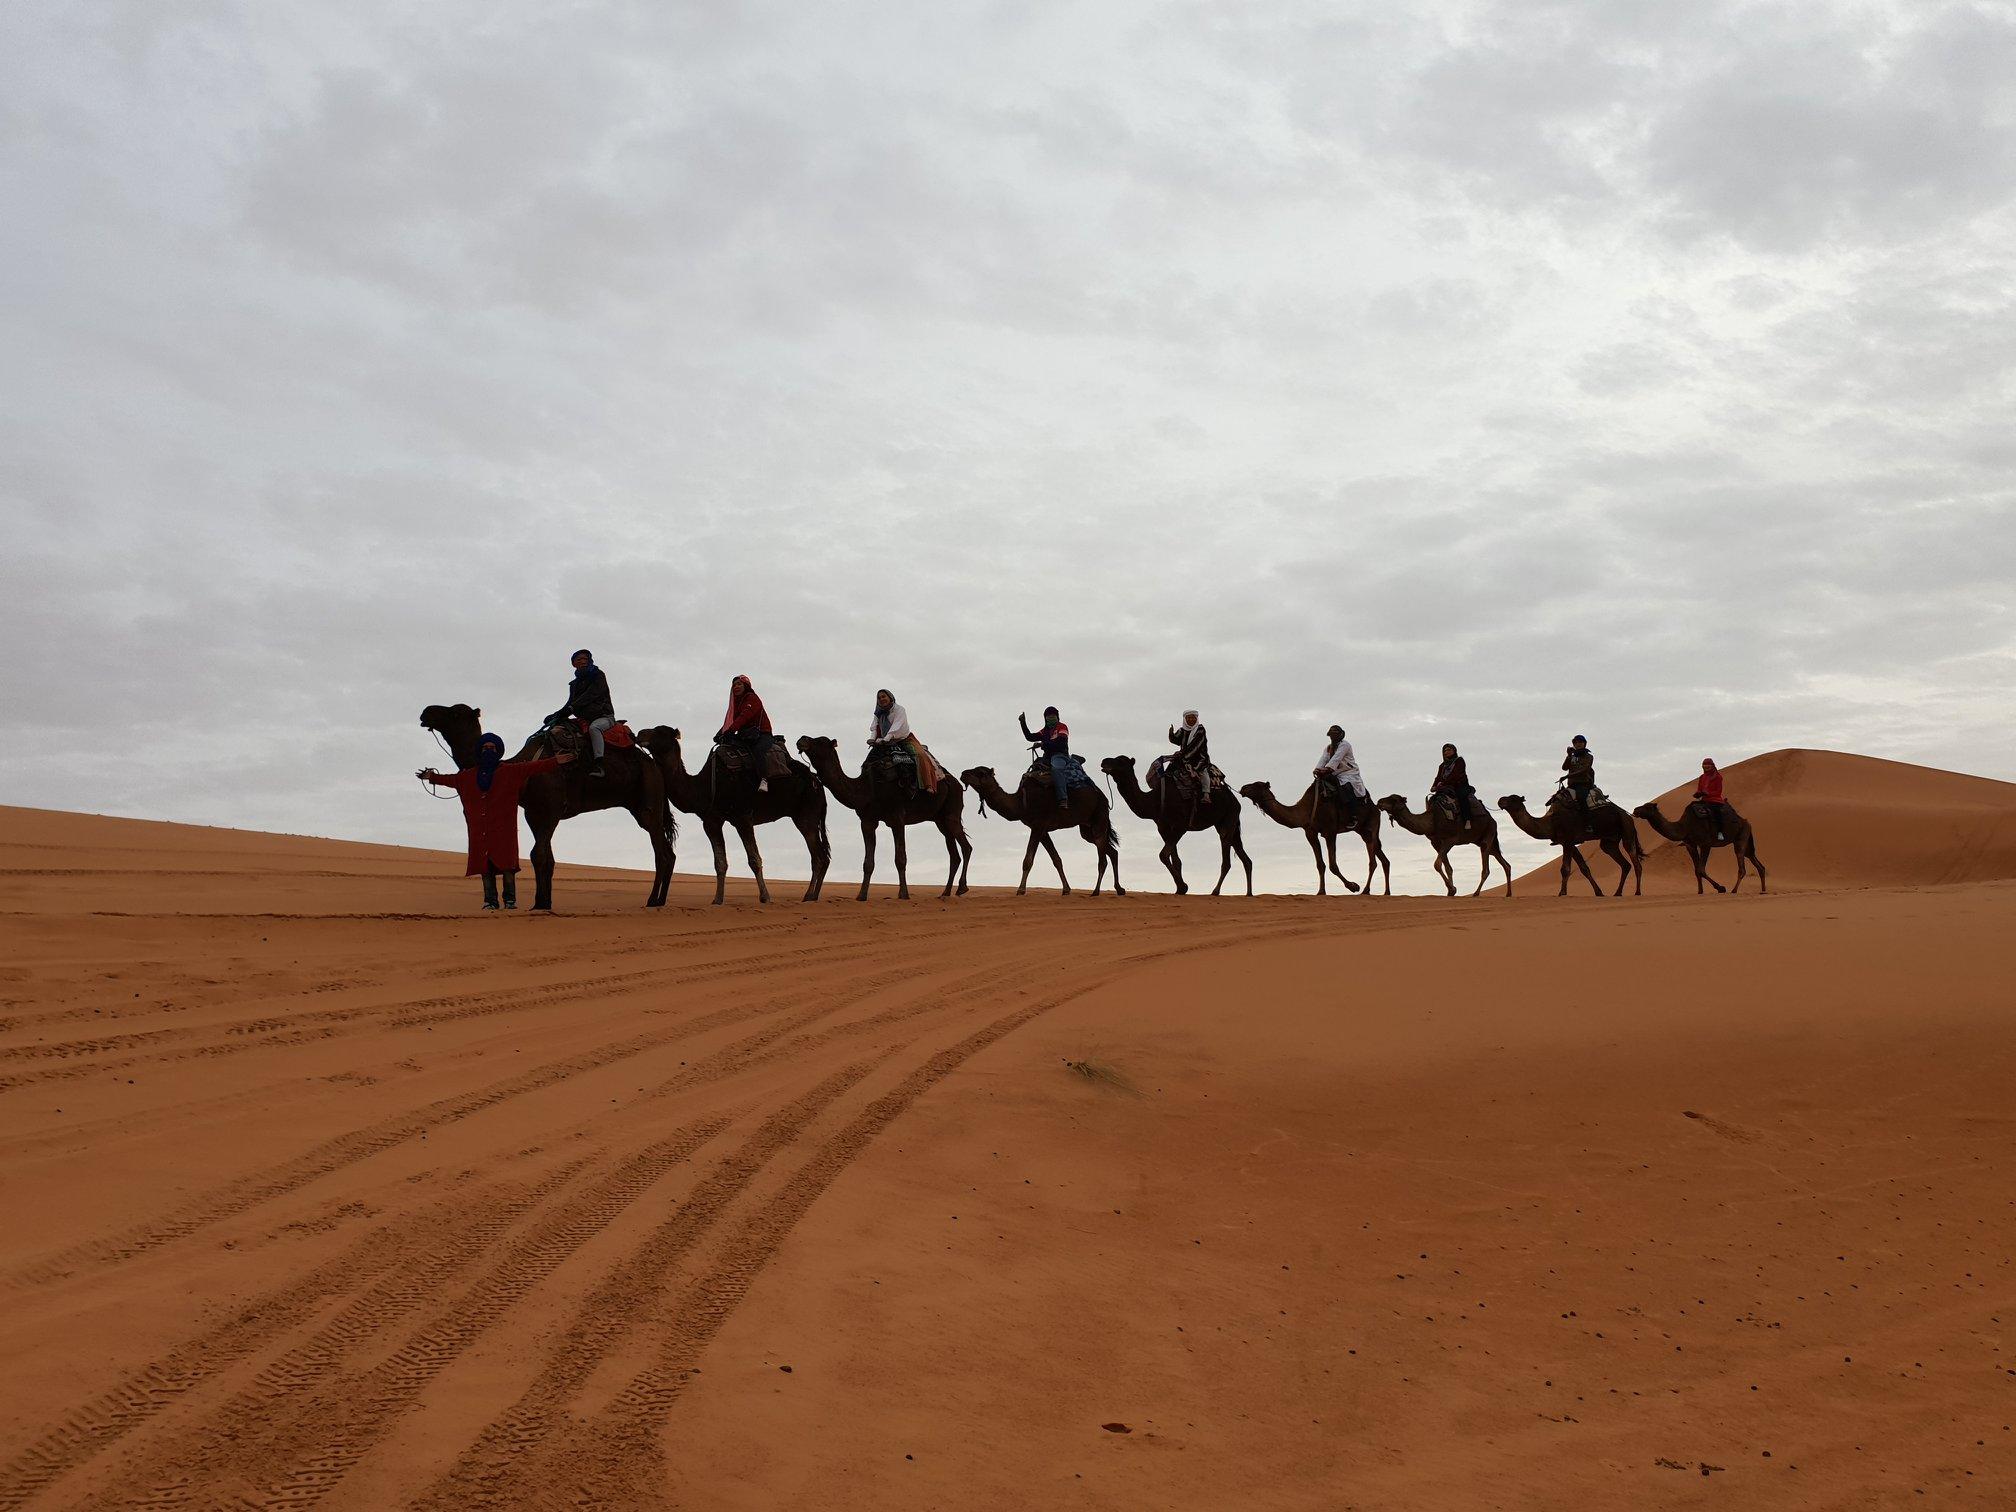 ทัวร์โมรอคโค ขี่อูฐทะเลทราย ซาฮาร่า